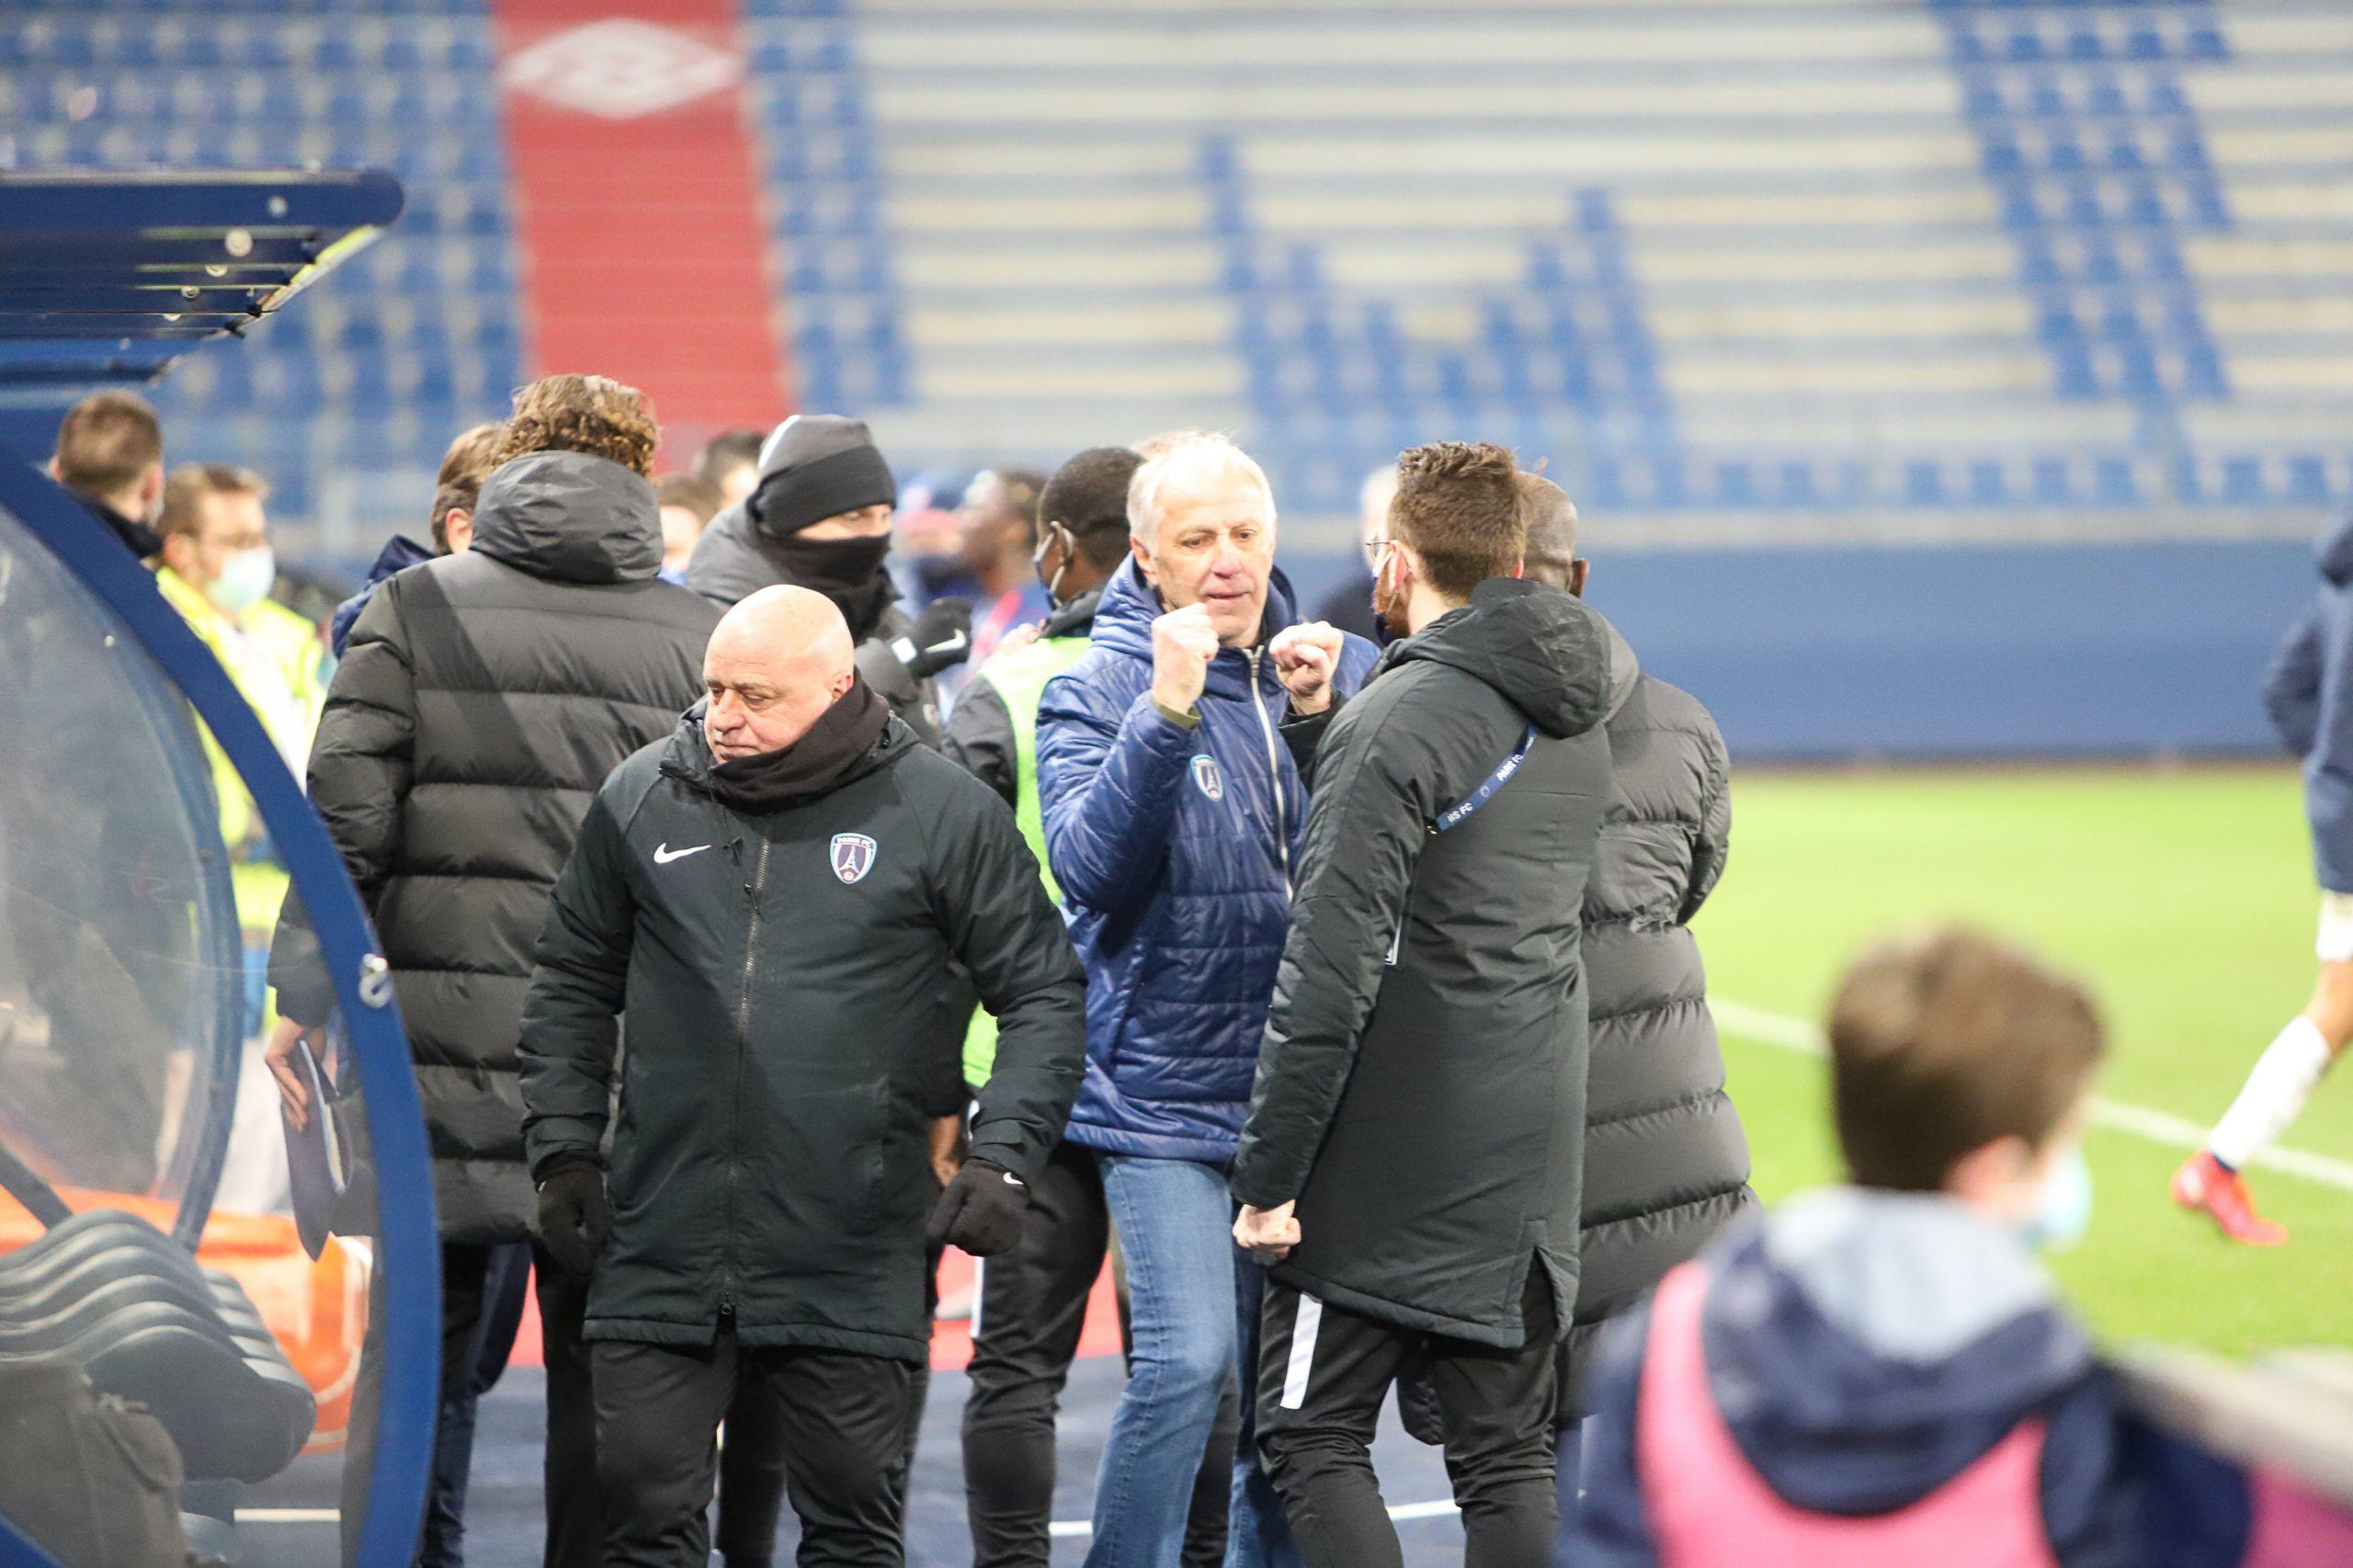 Sanction financière avec sursis pour Malherbe après les incidents face au Paris FC